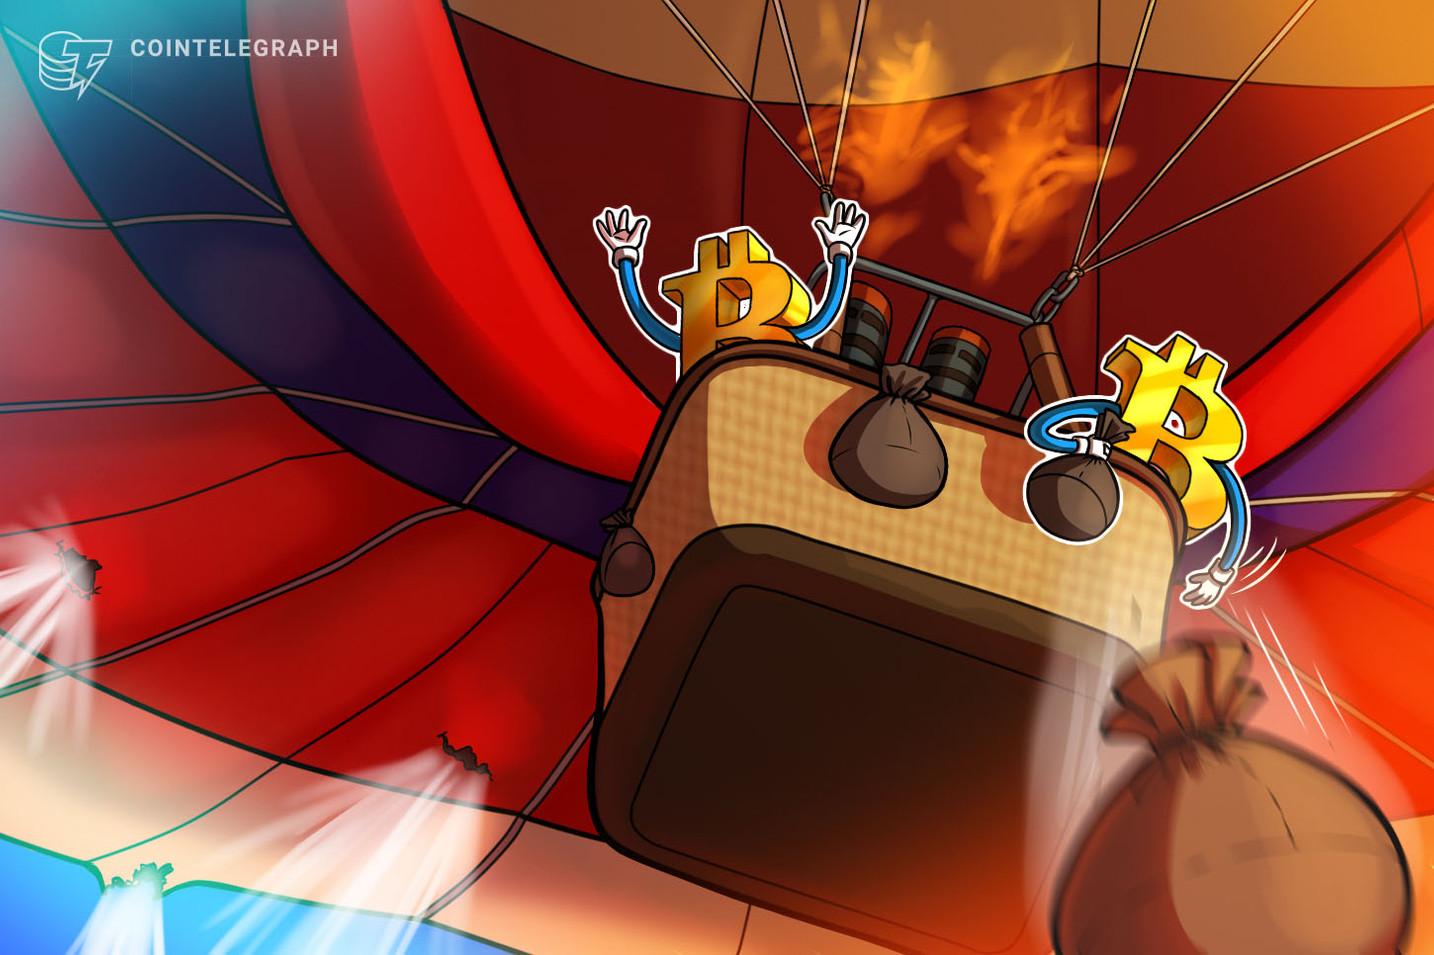 Bitcoin Fiyatı Yükselişin Sonuna mı Geldi? Kritik Destek Seviyesine Şimdilik Tutunuyor